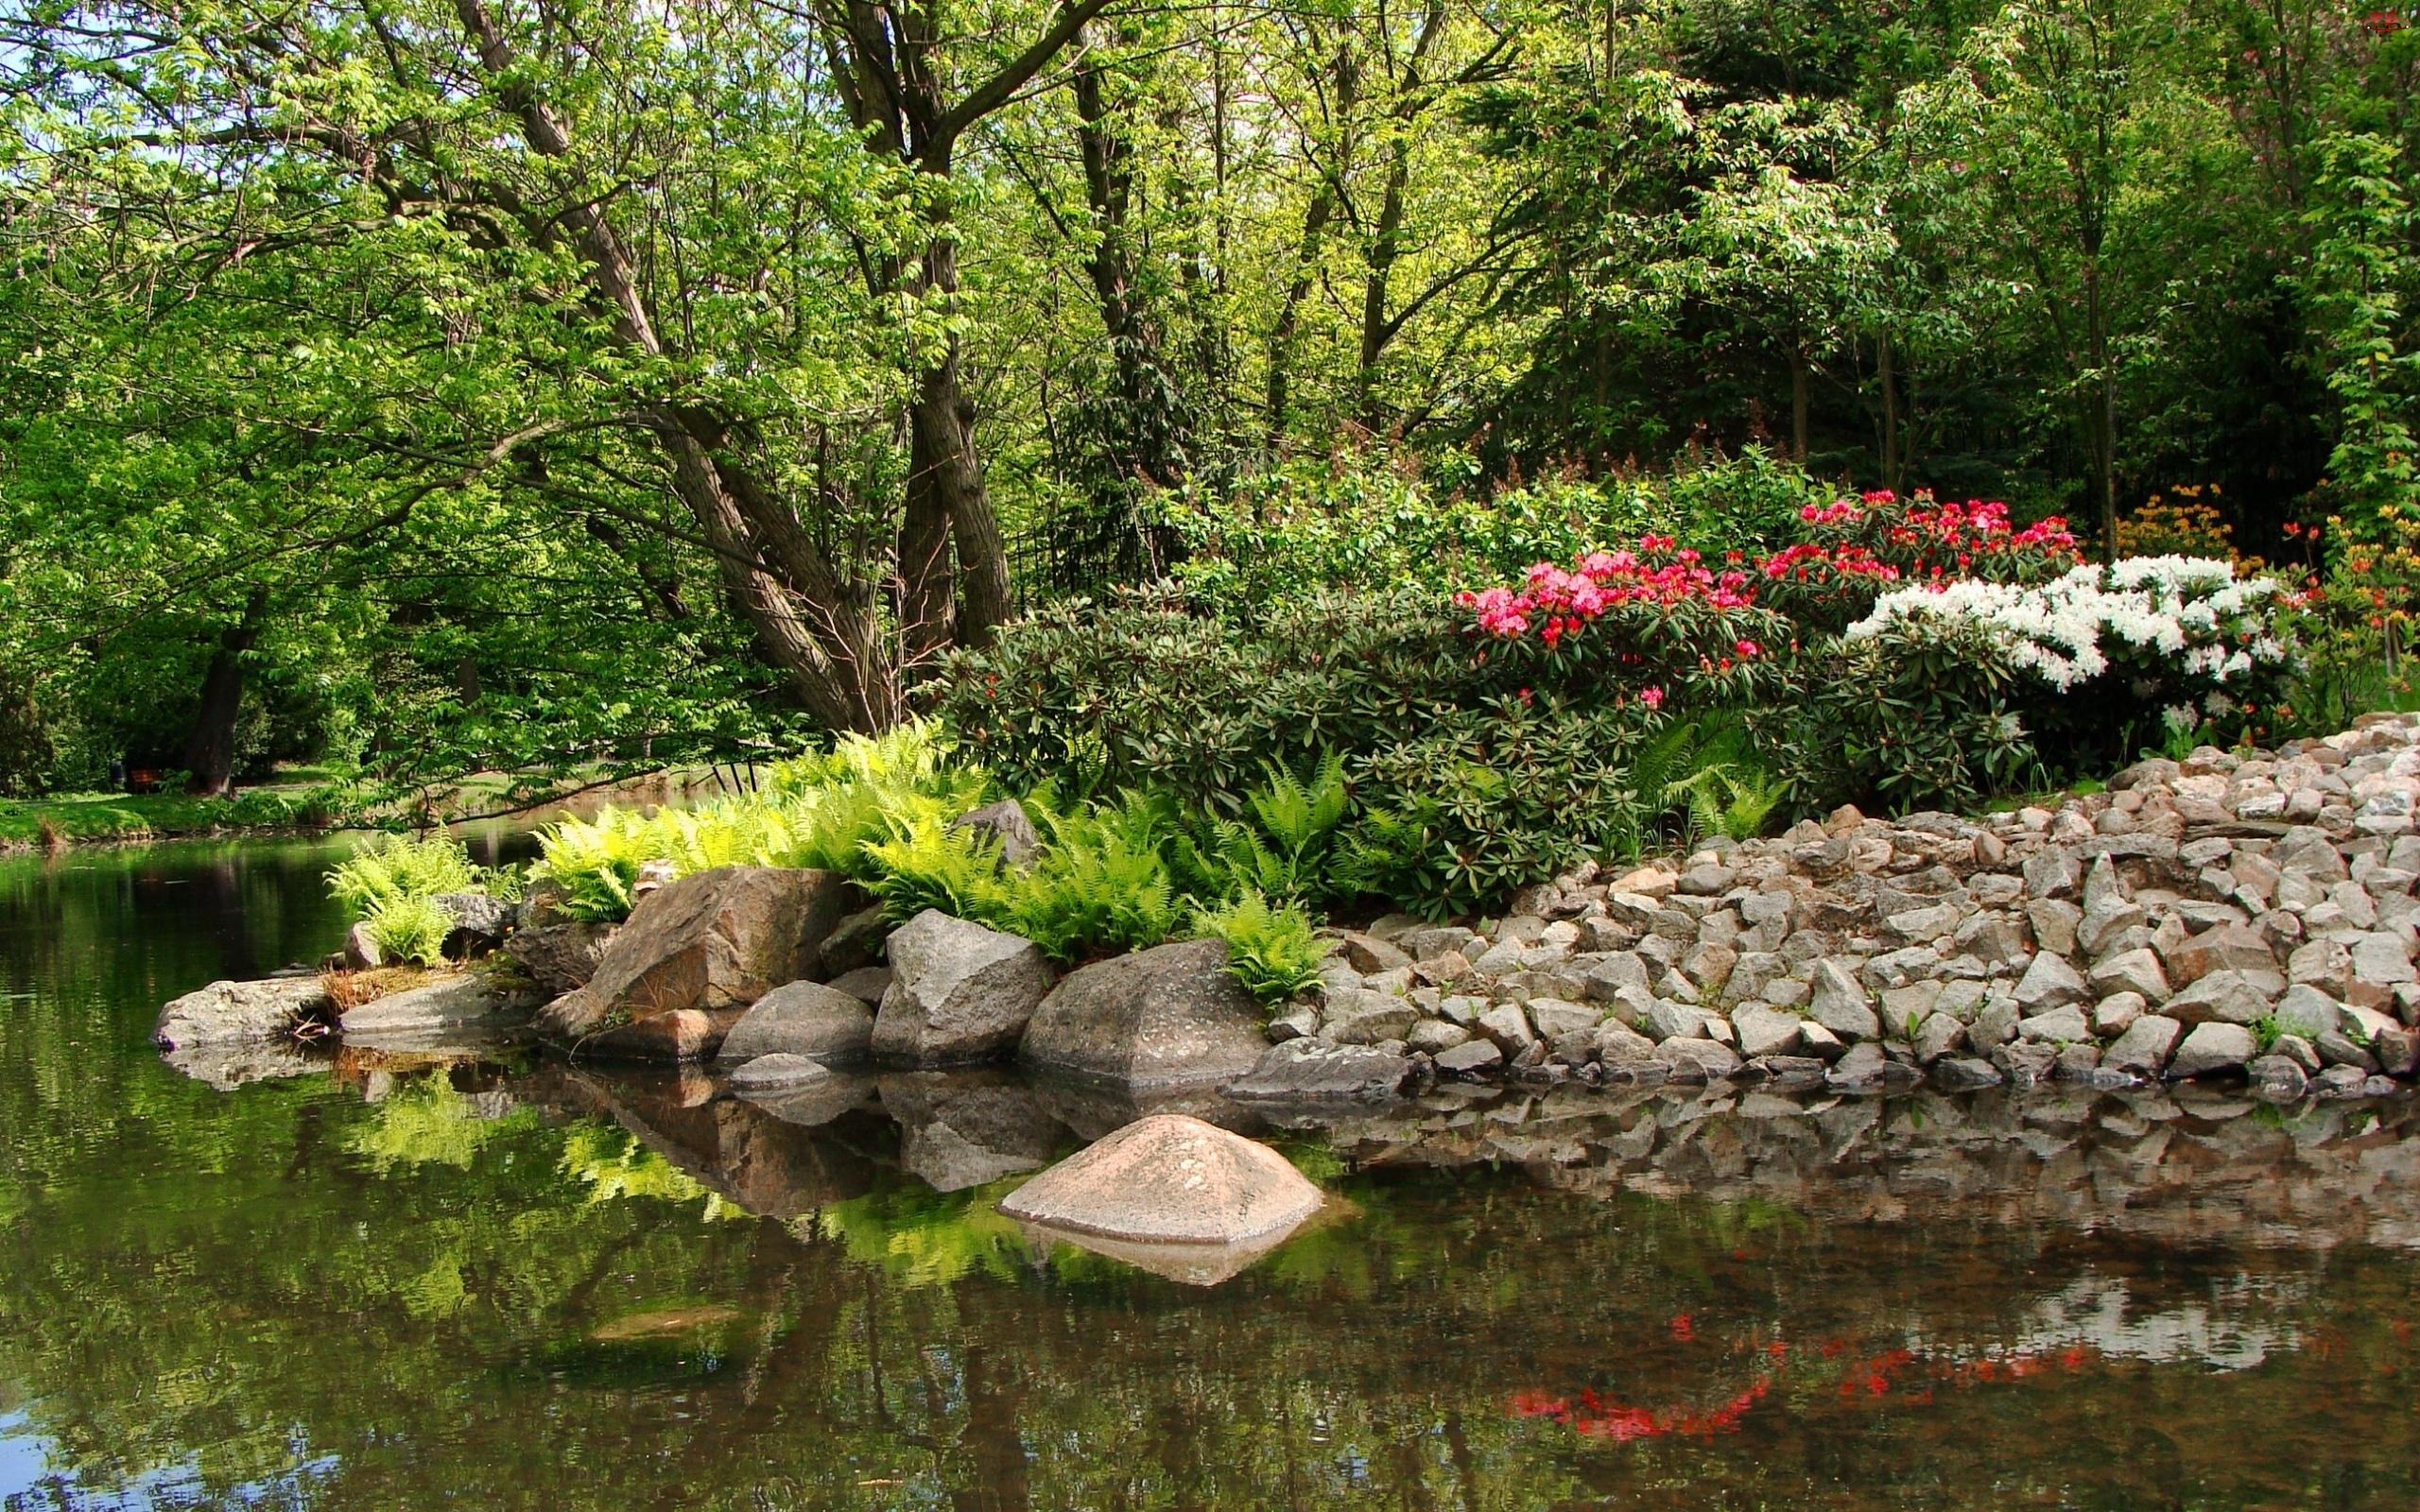 Drzewa, Rzeka, Kwiaty, Klomb, Kamienie